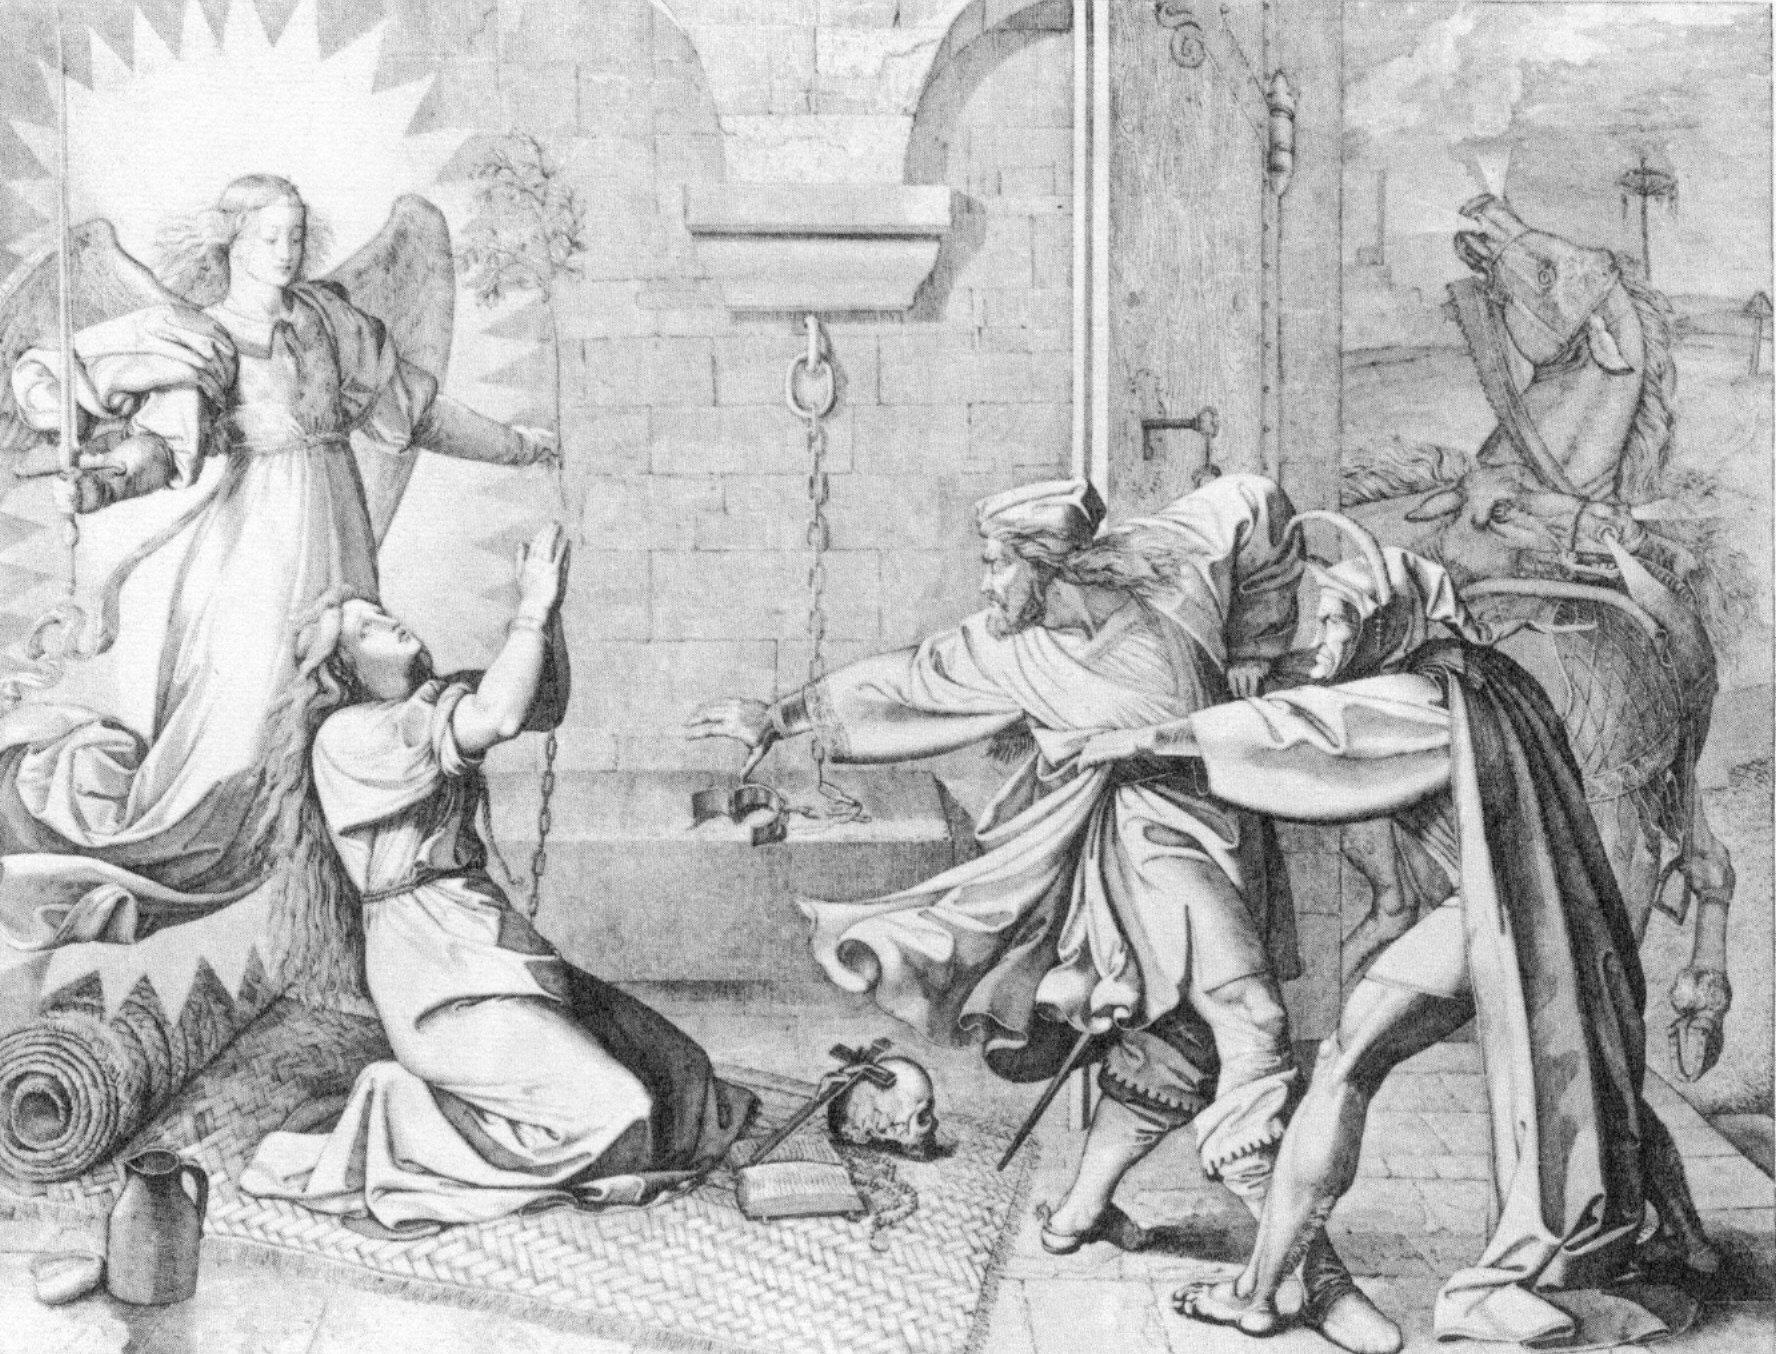 Vom Latex Mann mit der Faust gefickt